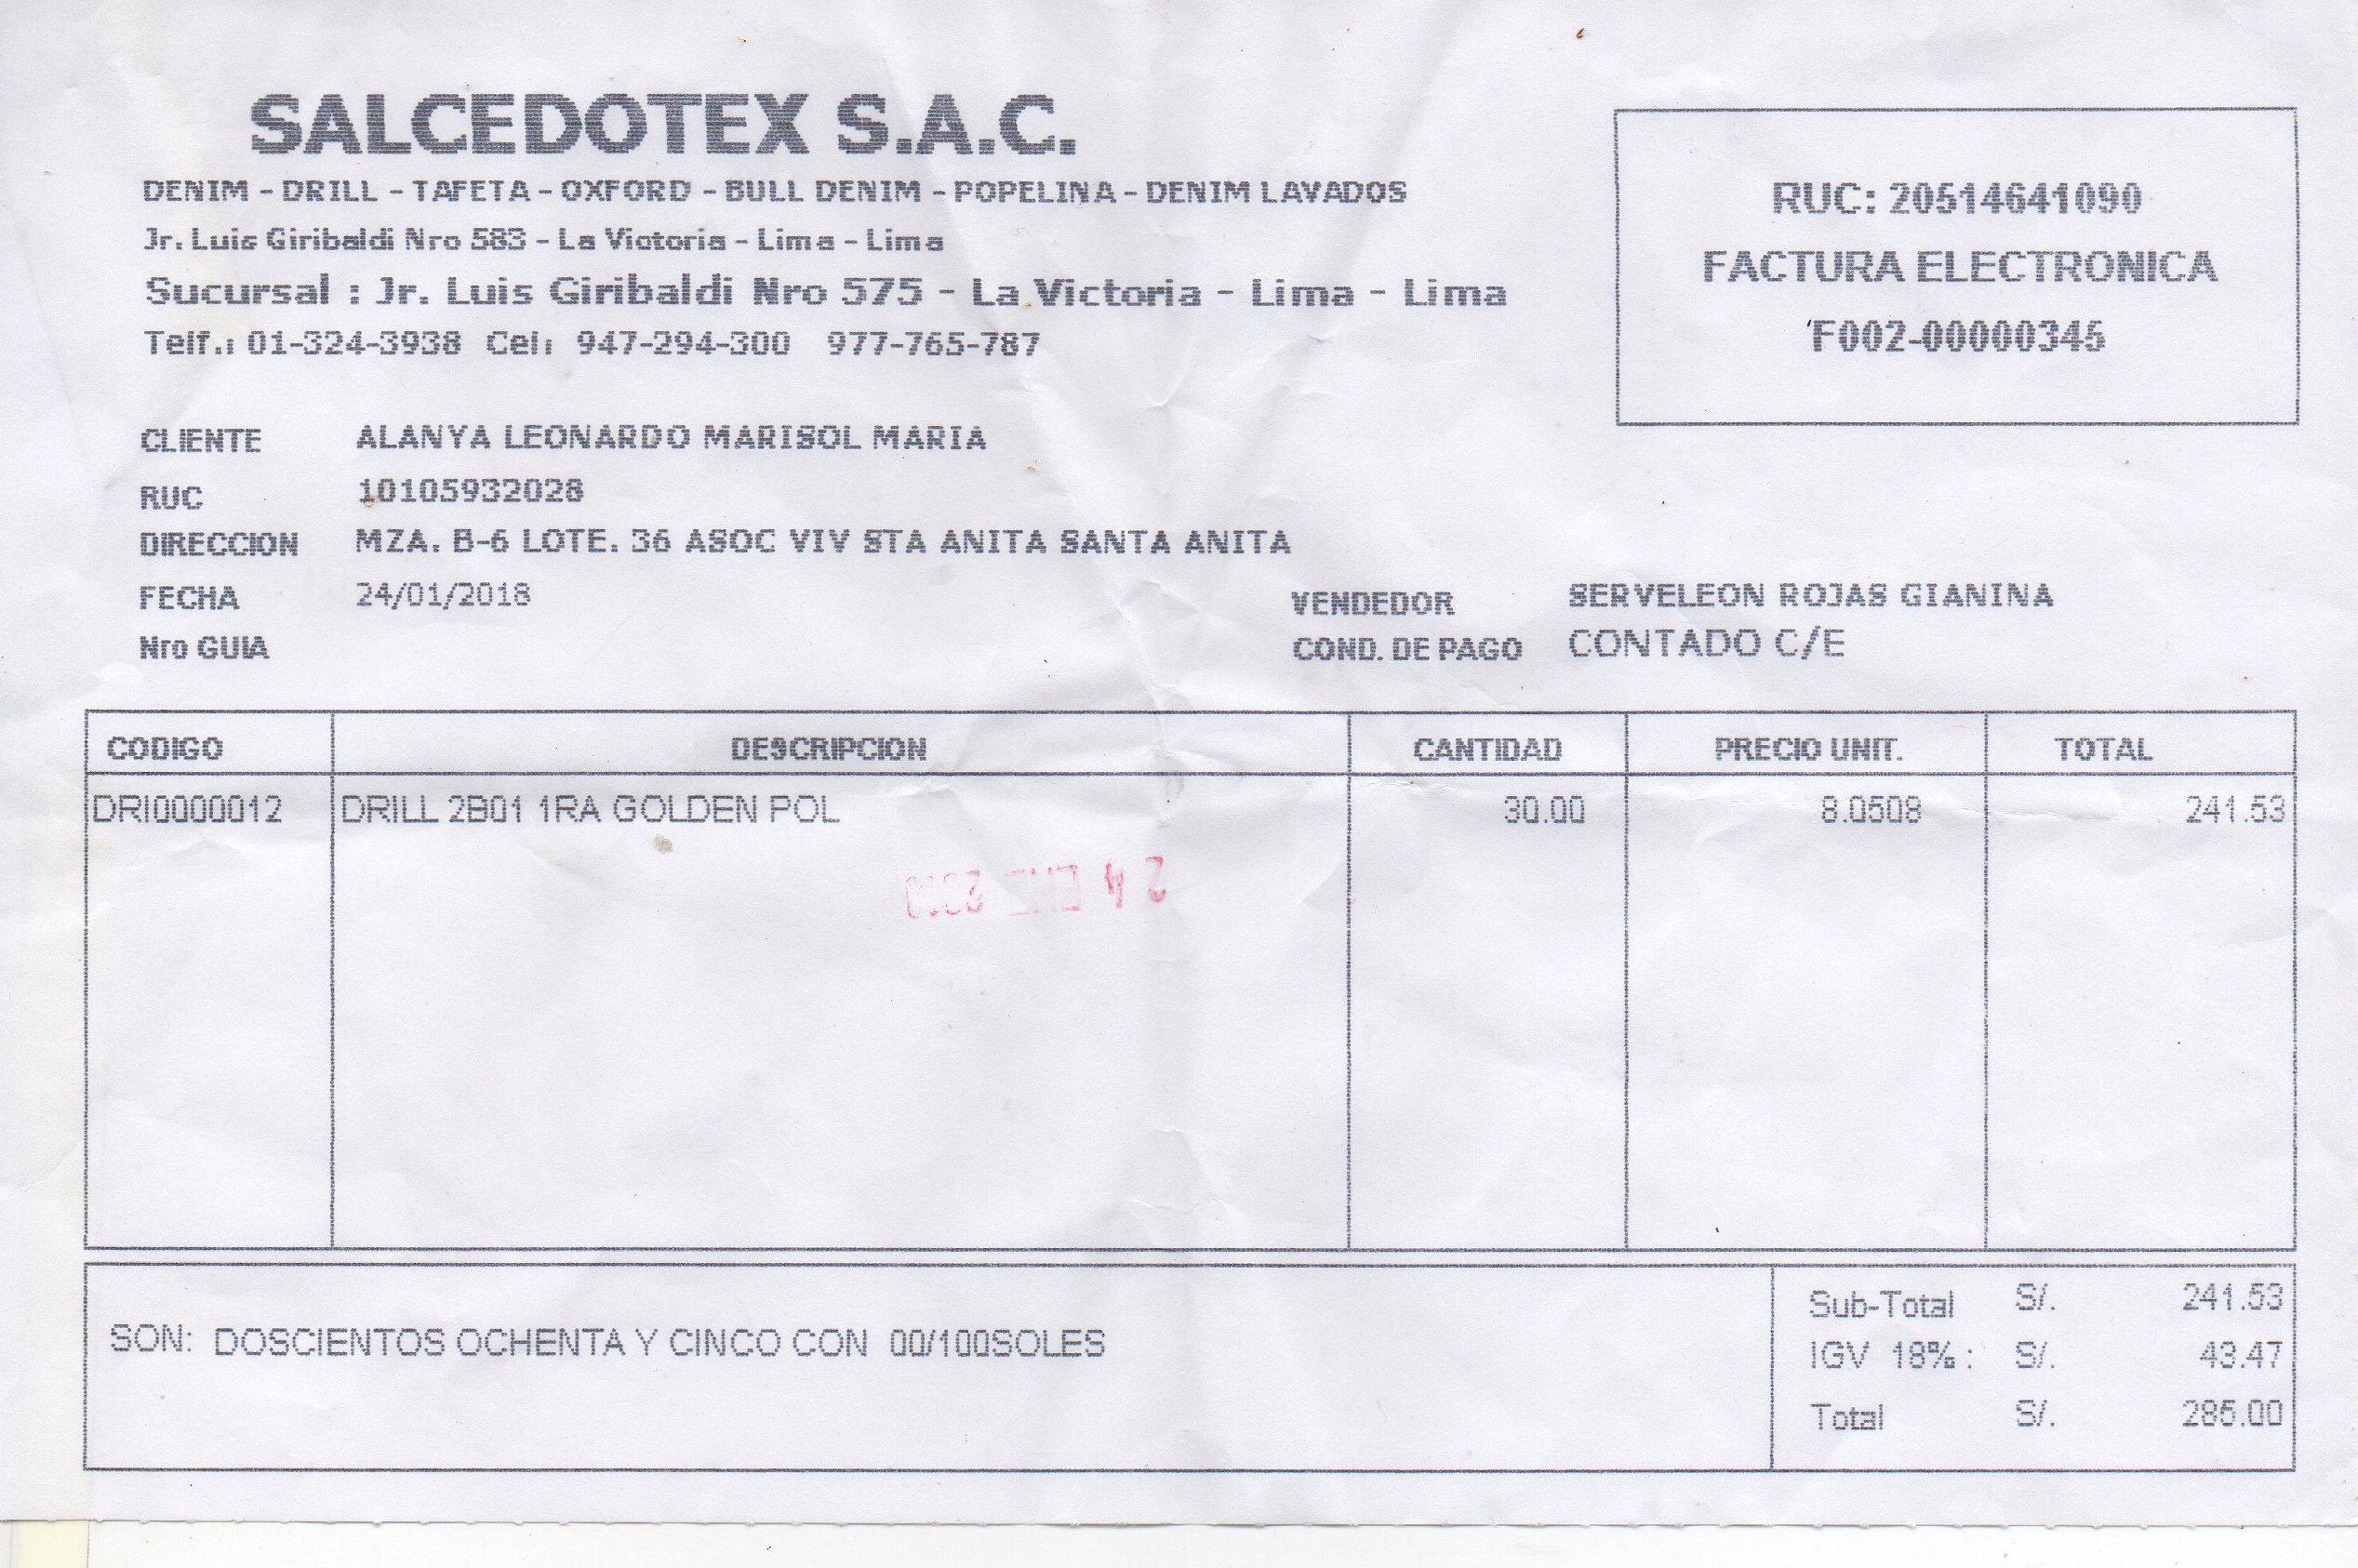 la factura electrónica no existe en los registros de sunat